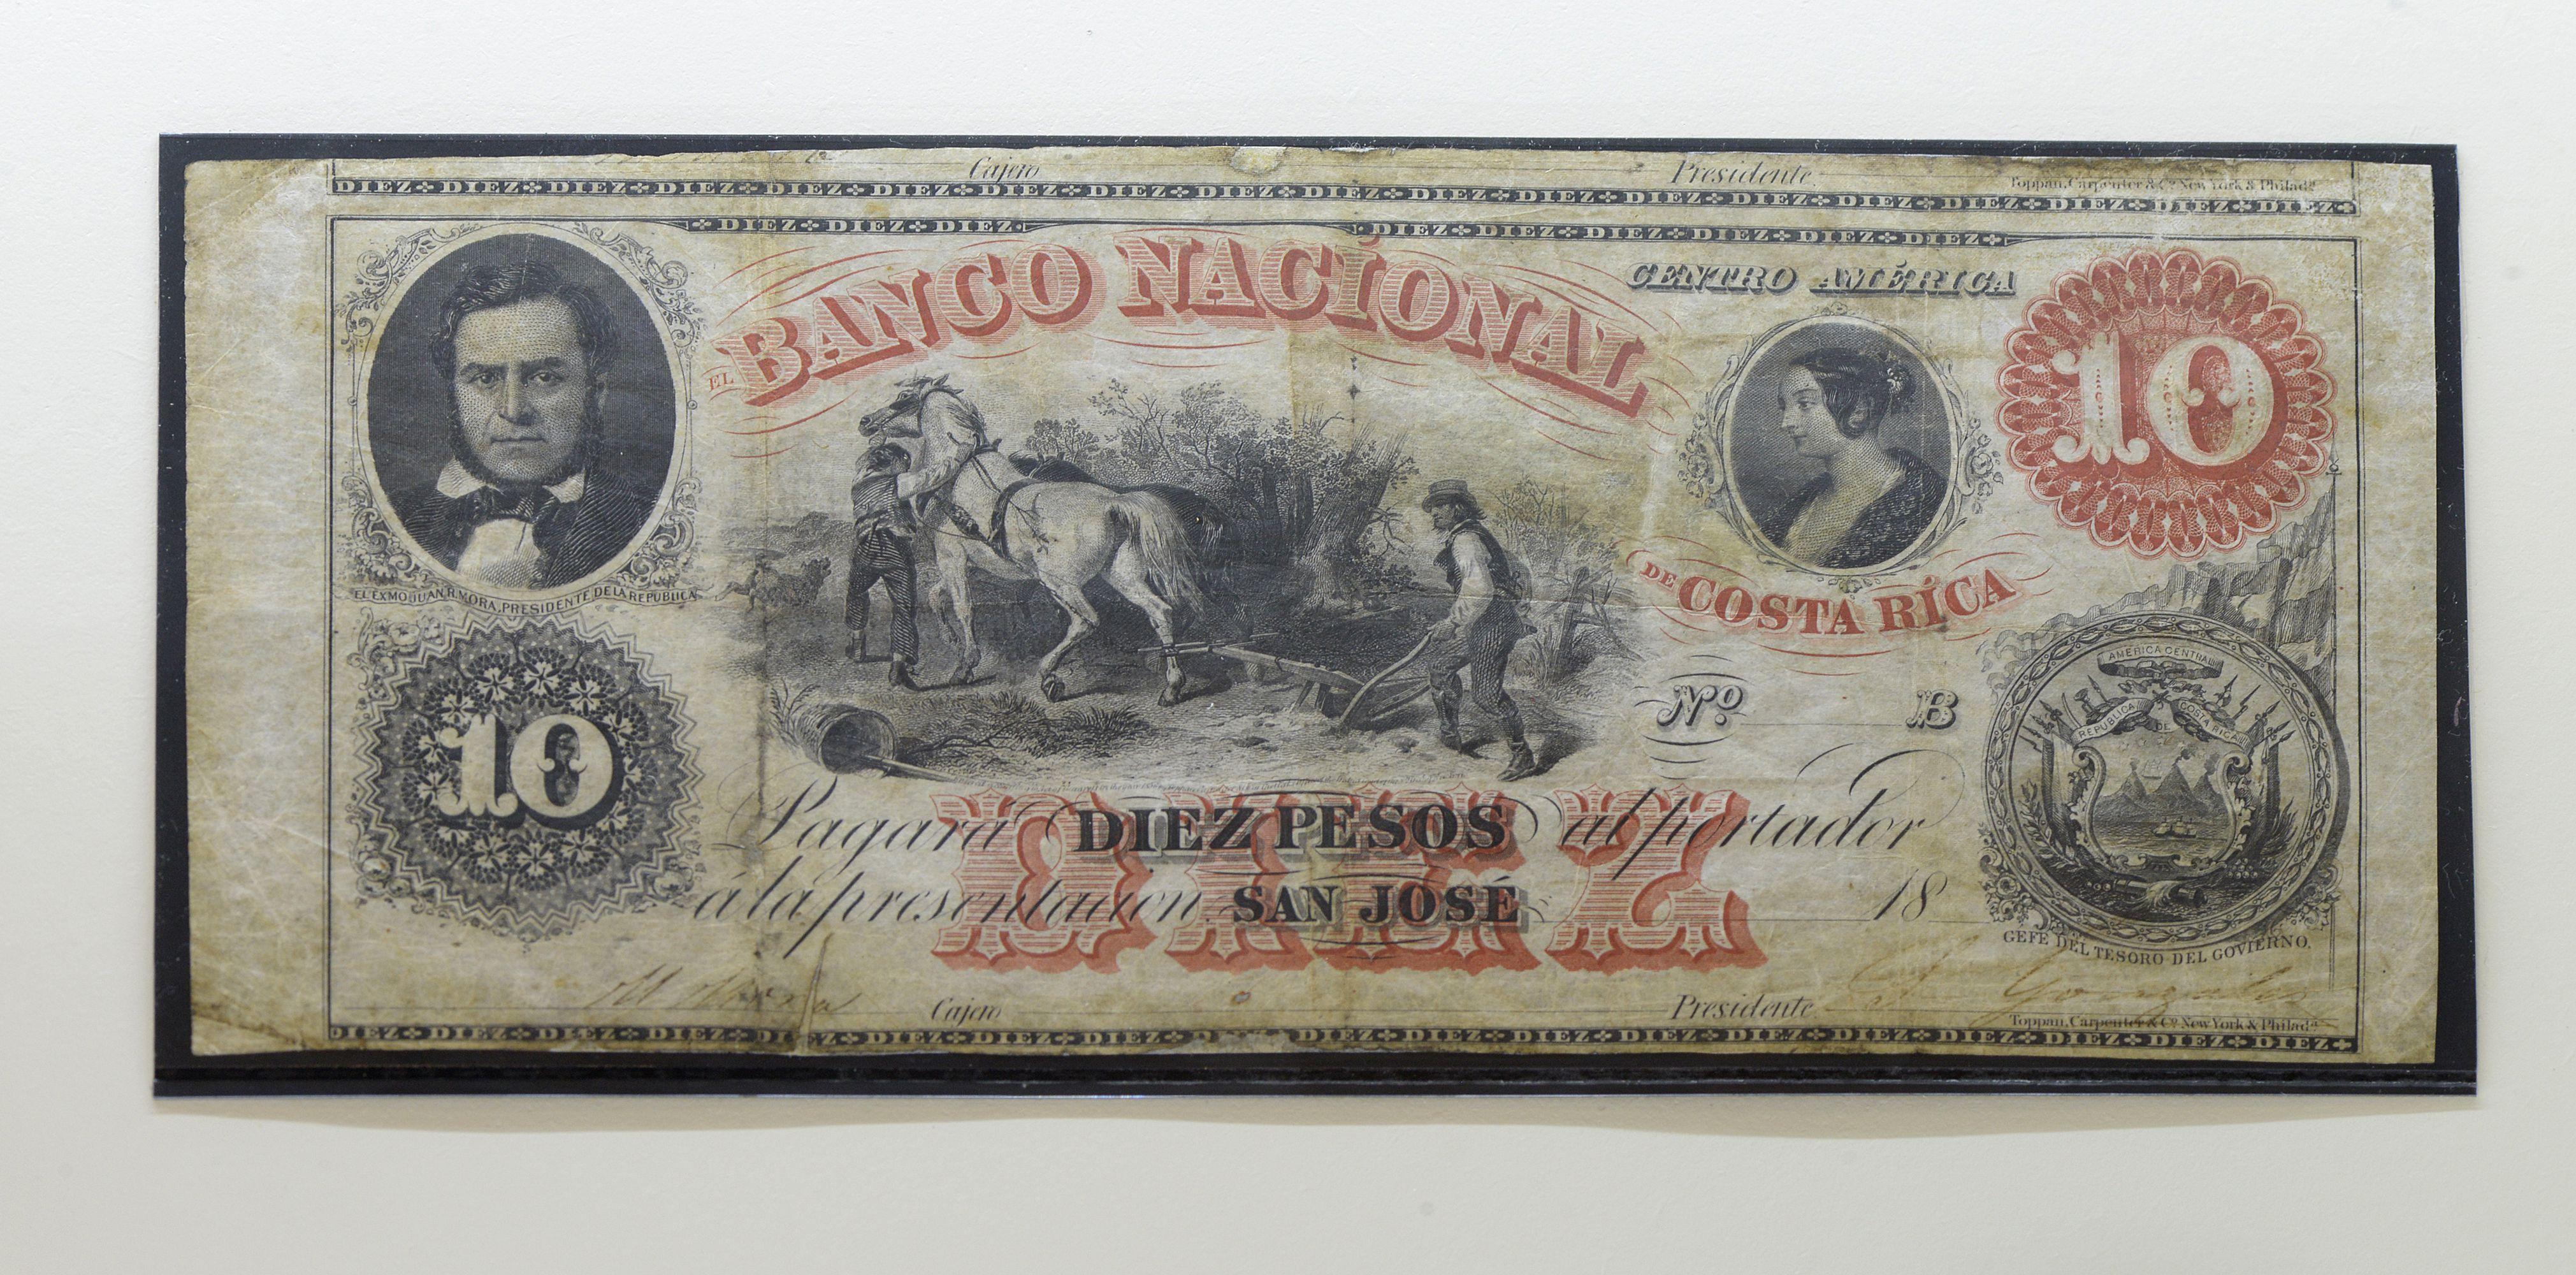 Un billete tico con la imagen de la Mona Lisa?, exhibición recorre 229 años  de historia del dinero – La Nación